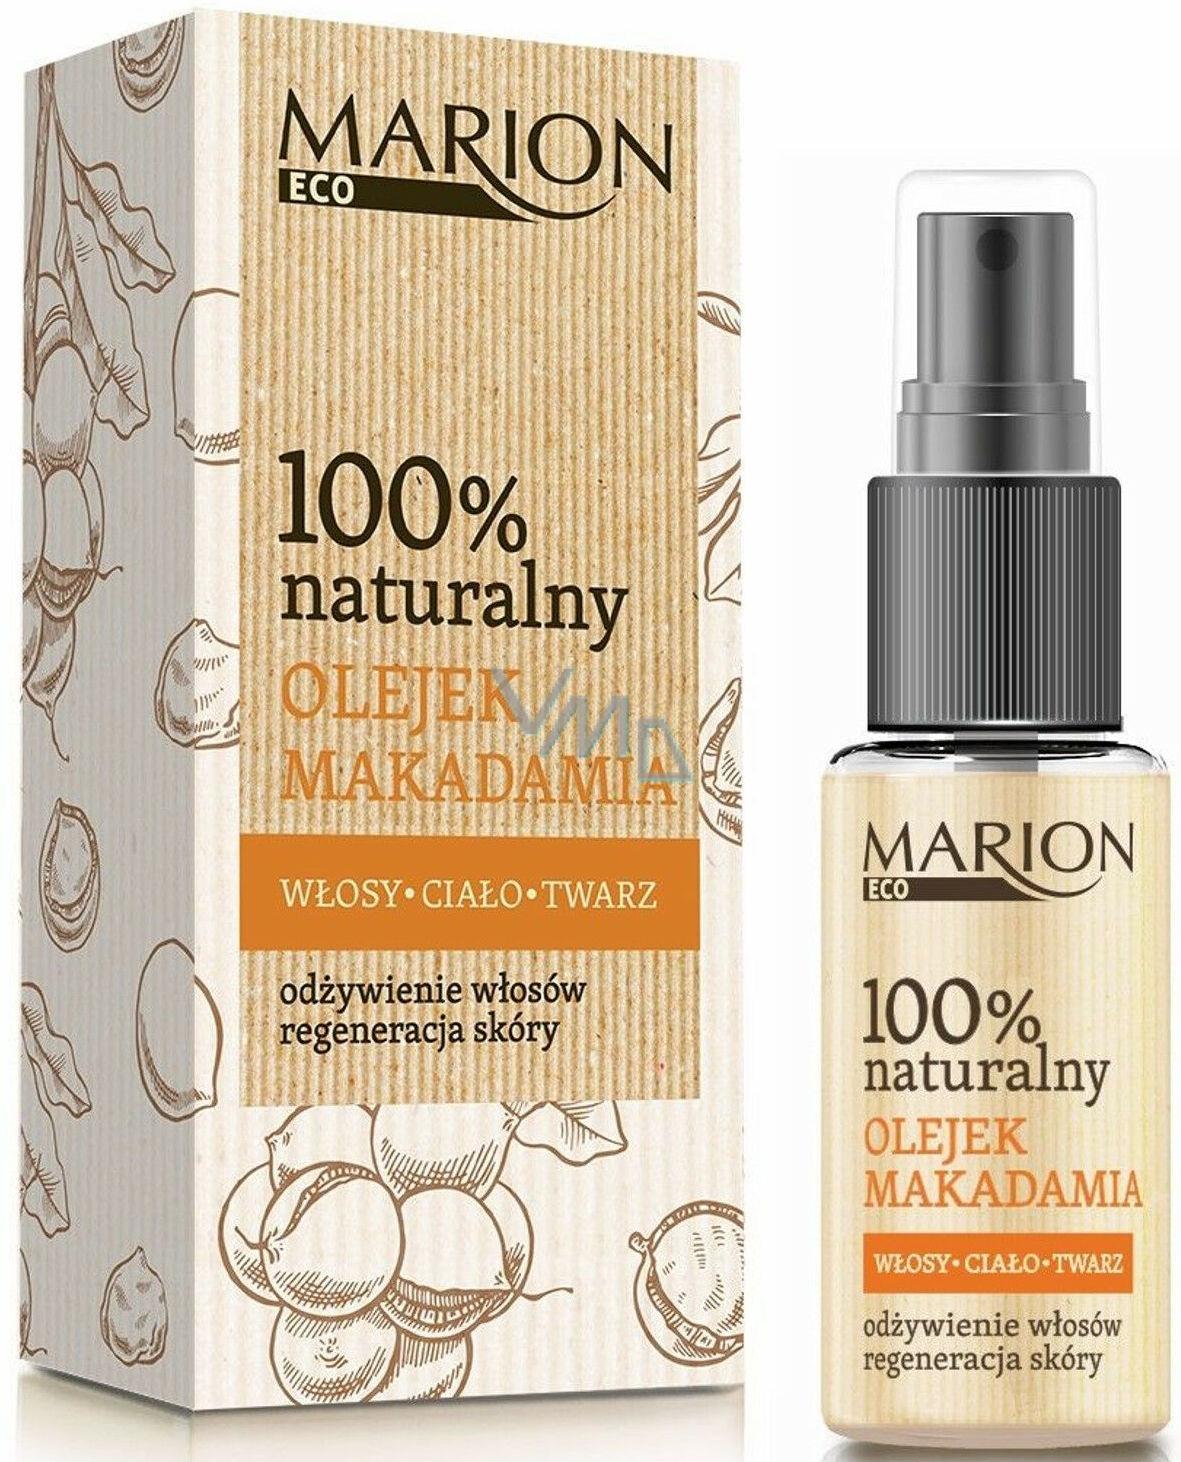 Marion Eco Makadamové oříšky 100% přírodní bio olej pro vlasy, pleť a tělo, regenerace pokožky 25 ml